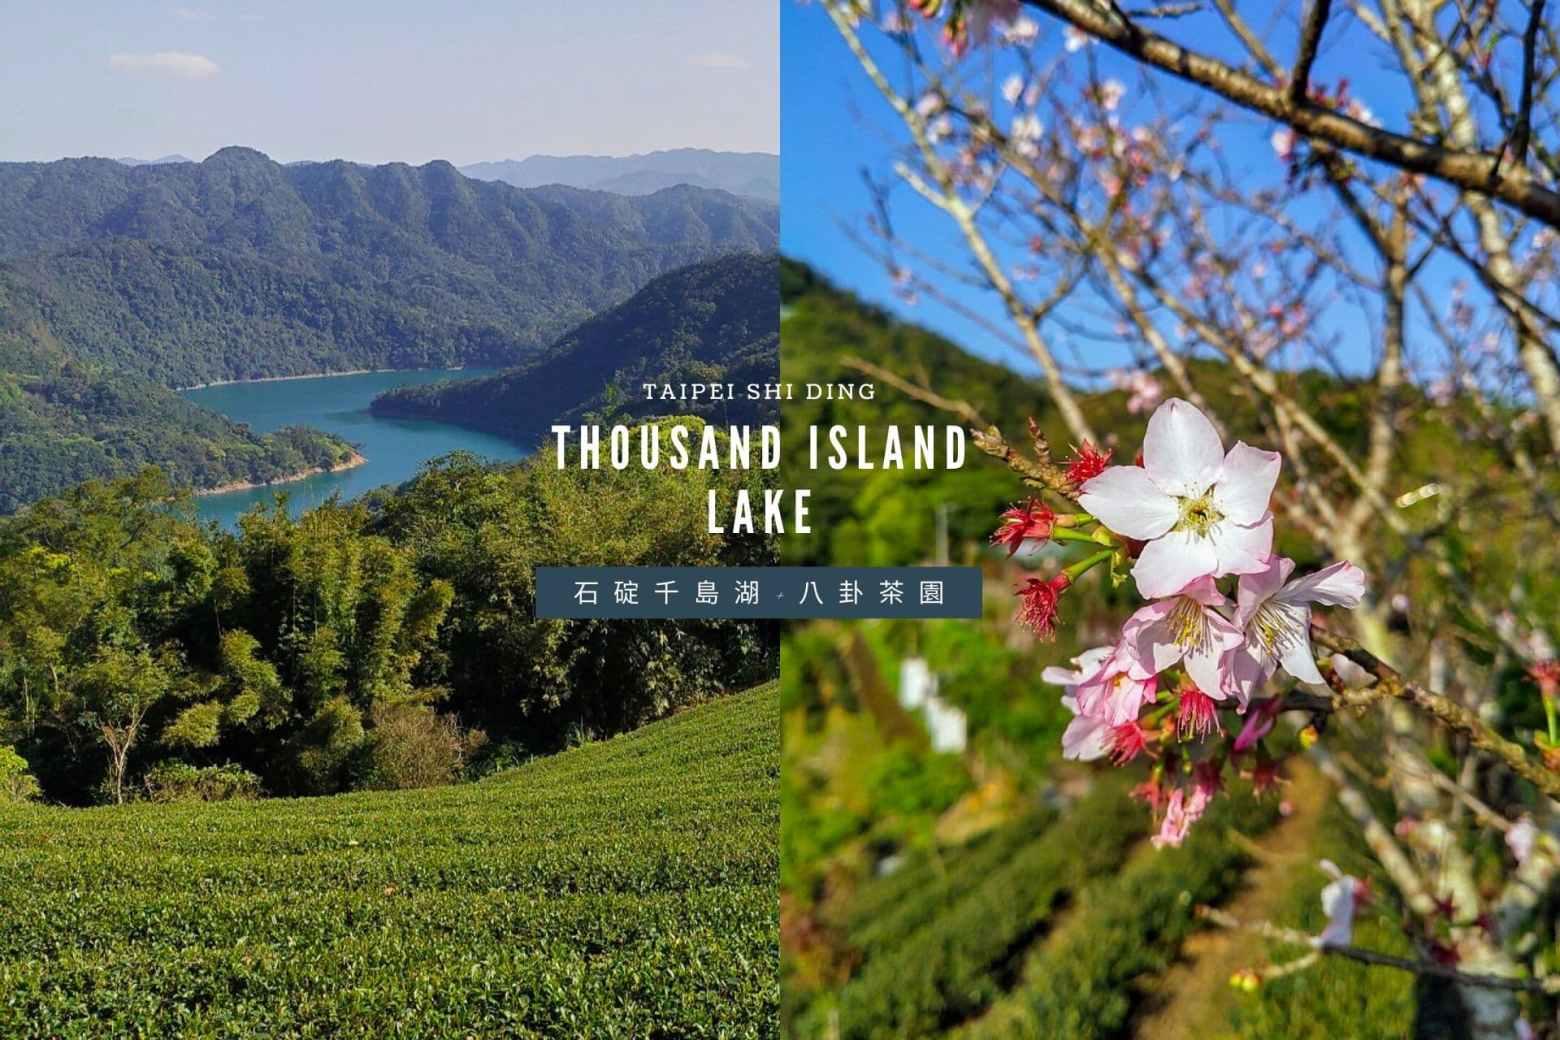 石碇千島湖》台北近郊山中秘境,環山群繞的山水景色